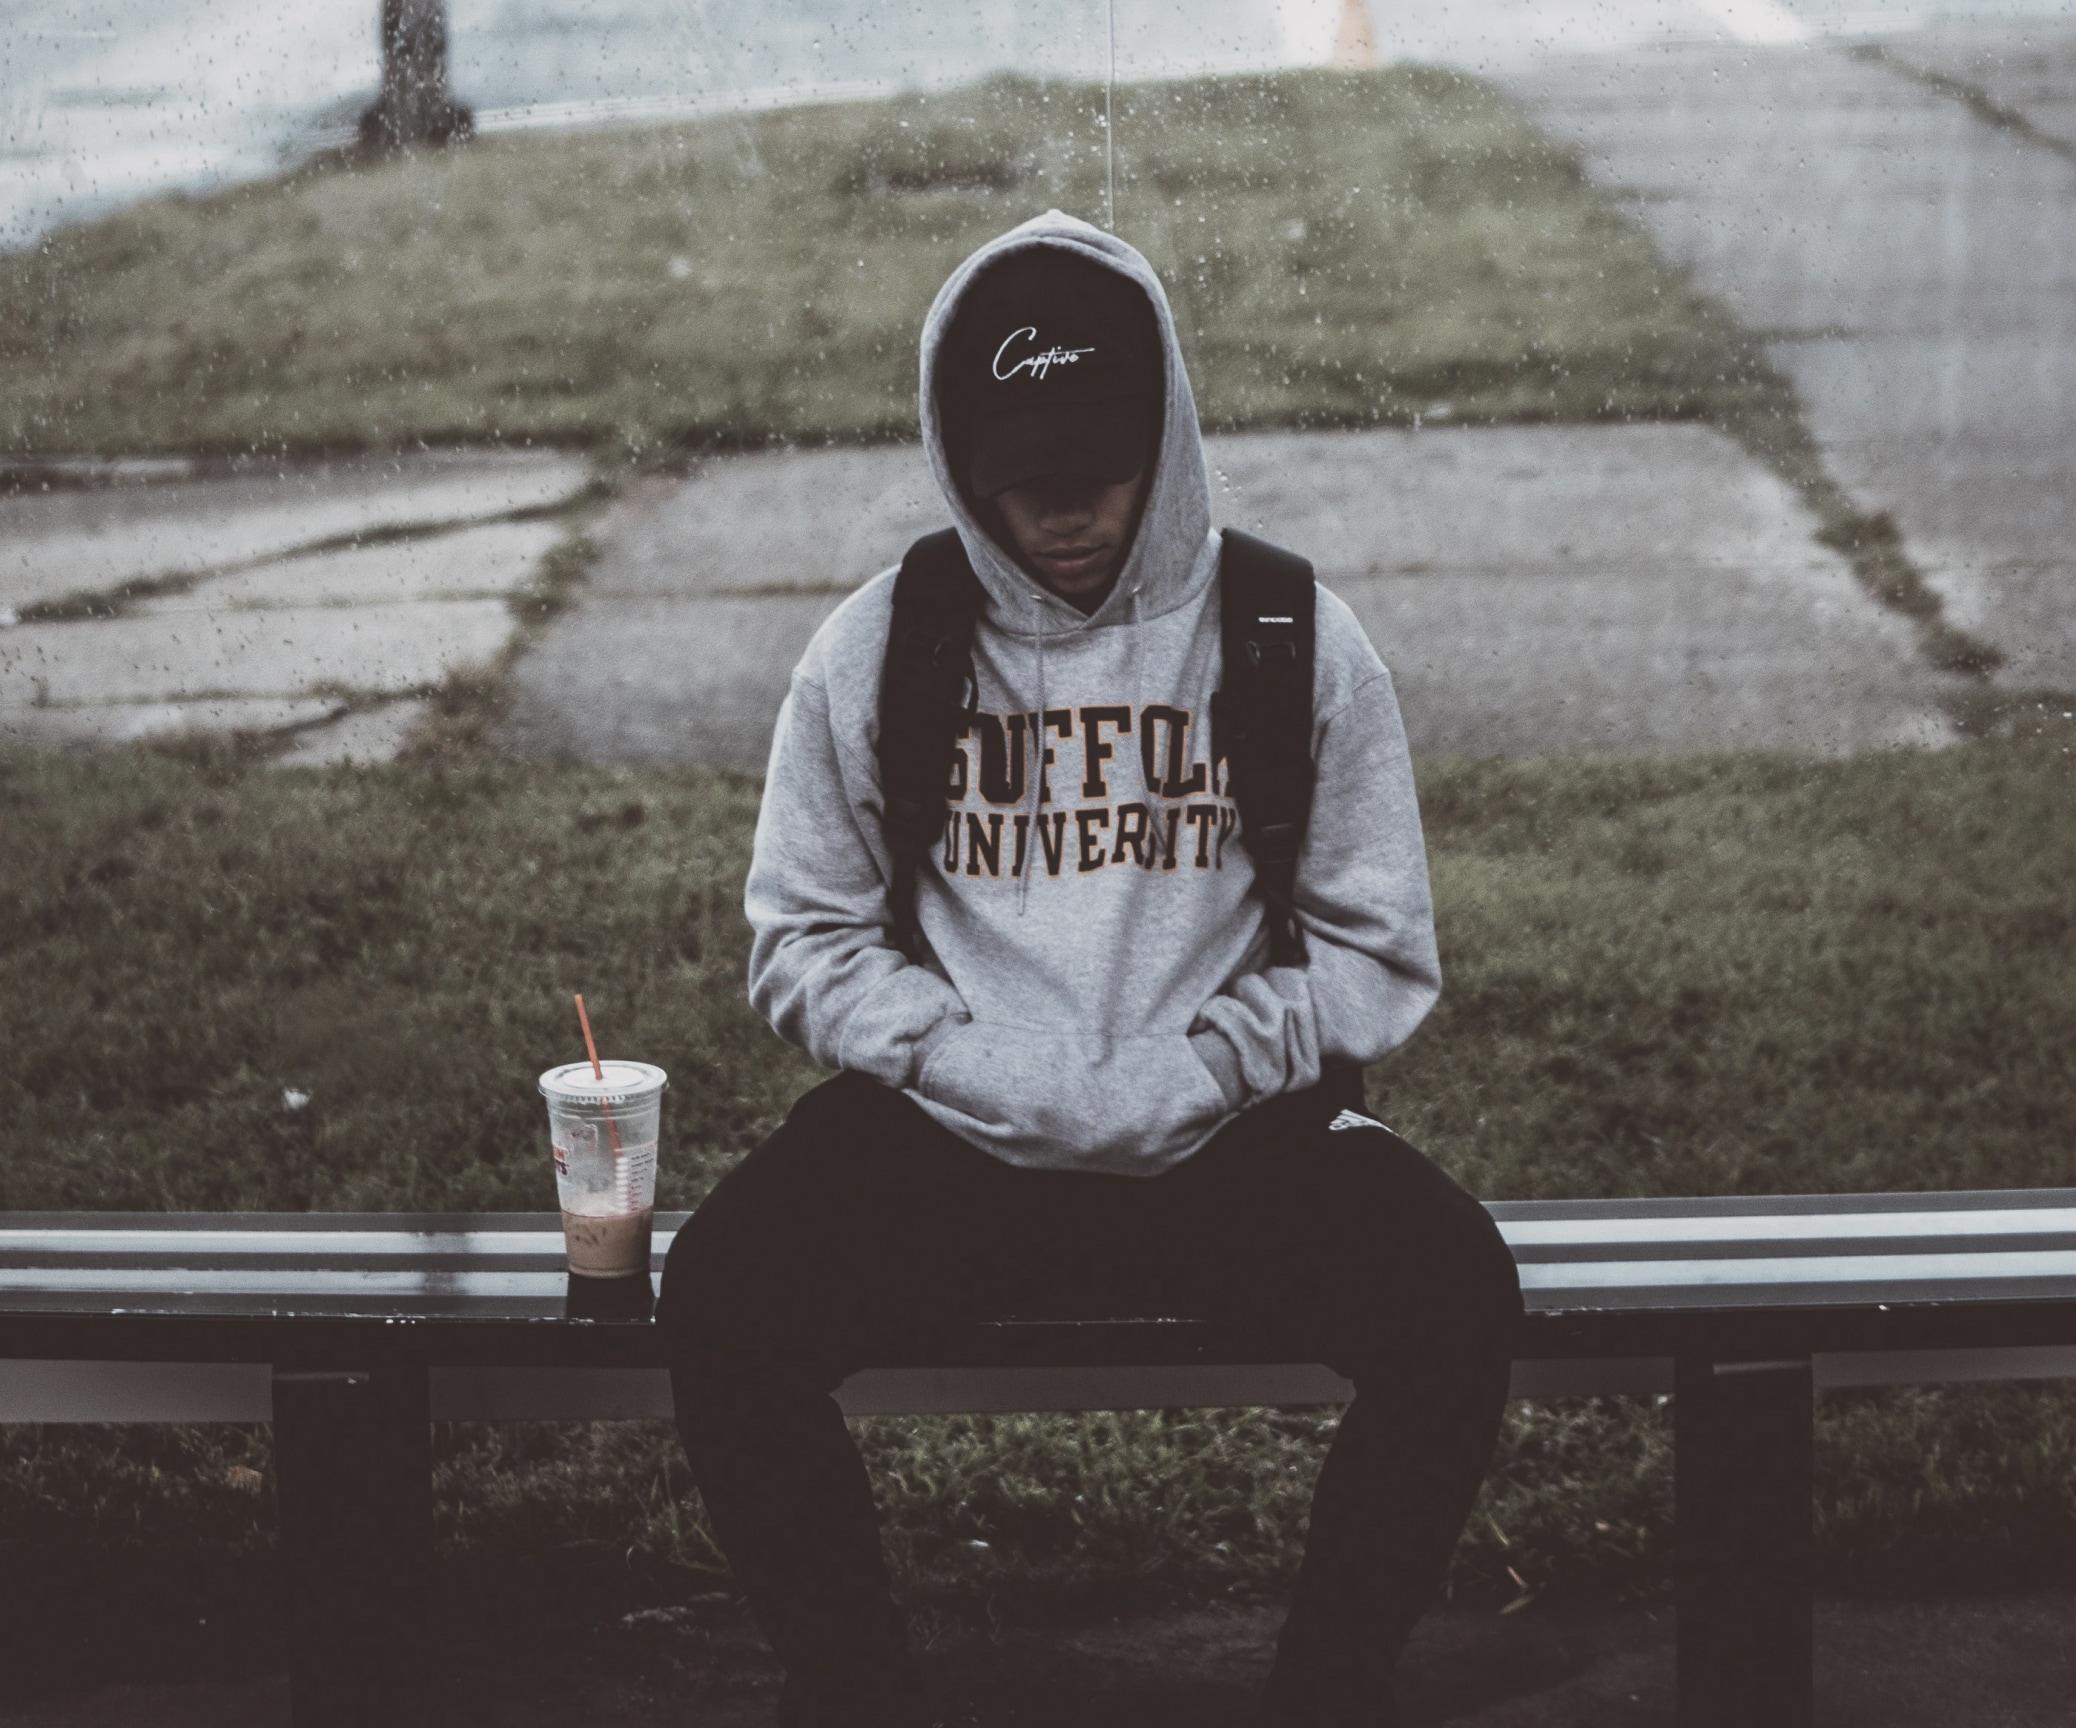 Que faire dans les moments de grande détresse?